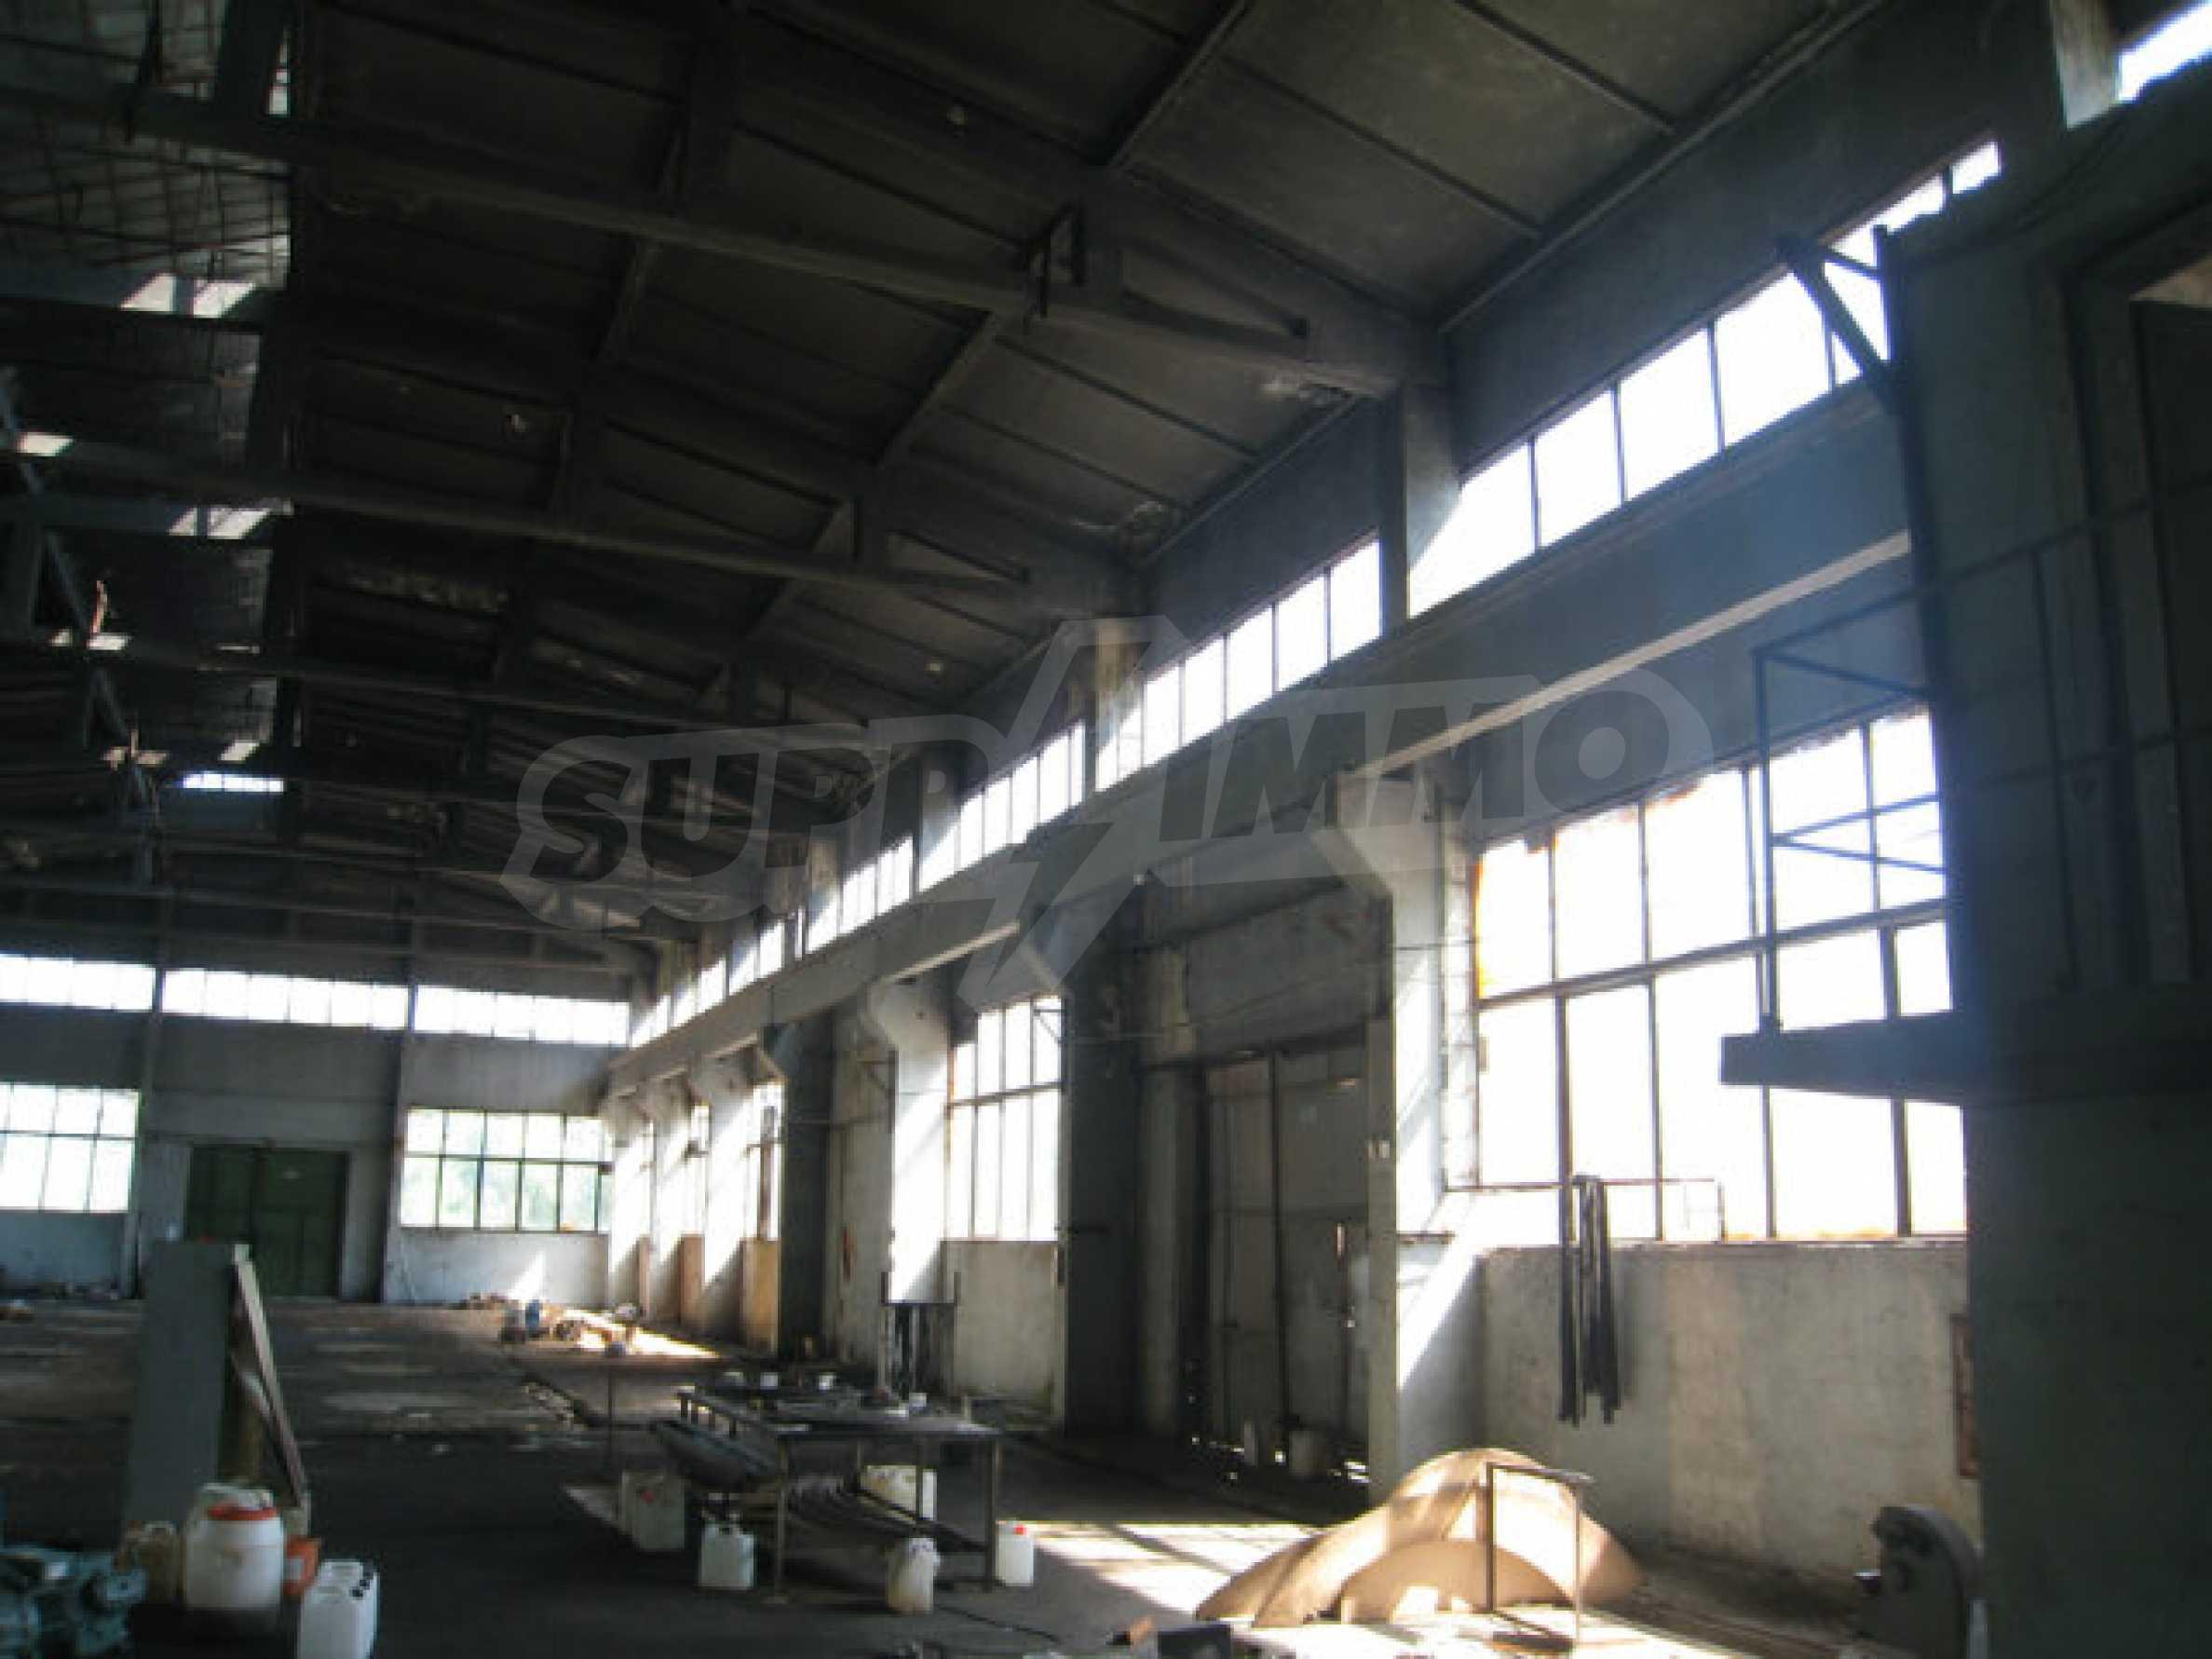 Produktionsgebäude mit Dienstleistungs- und Verwaltungsgebäude in der Nähe von Monatan 10